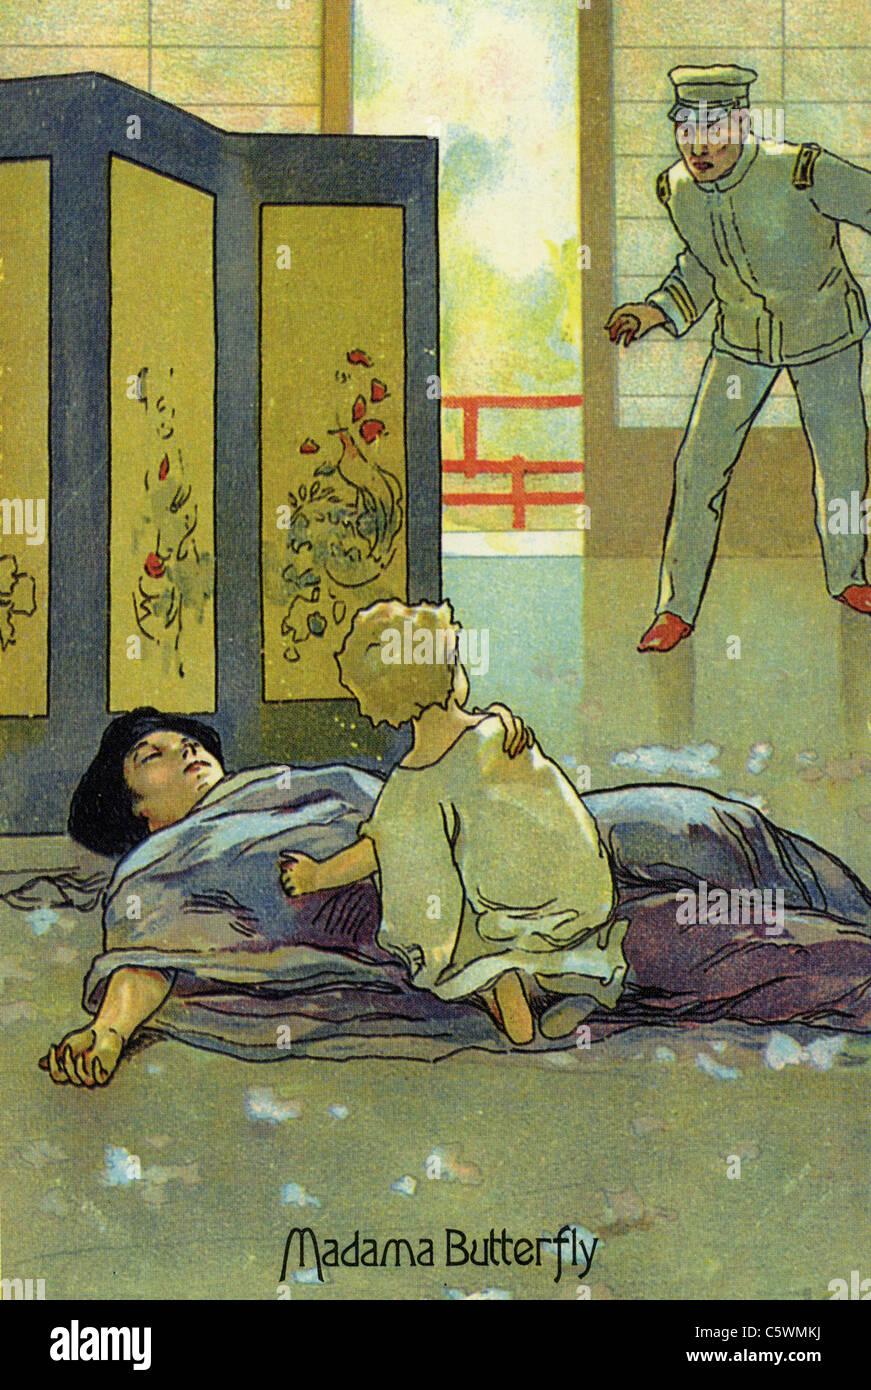 MADAME BUTTERFLY Poster per la sua opera Puccini Immagini Stock